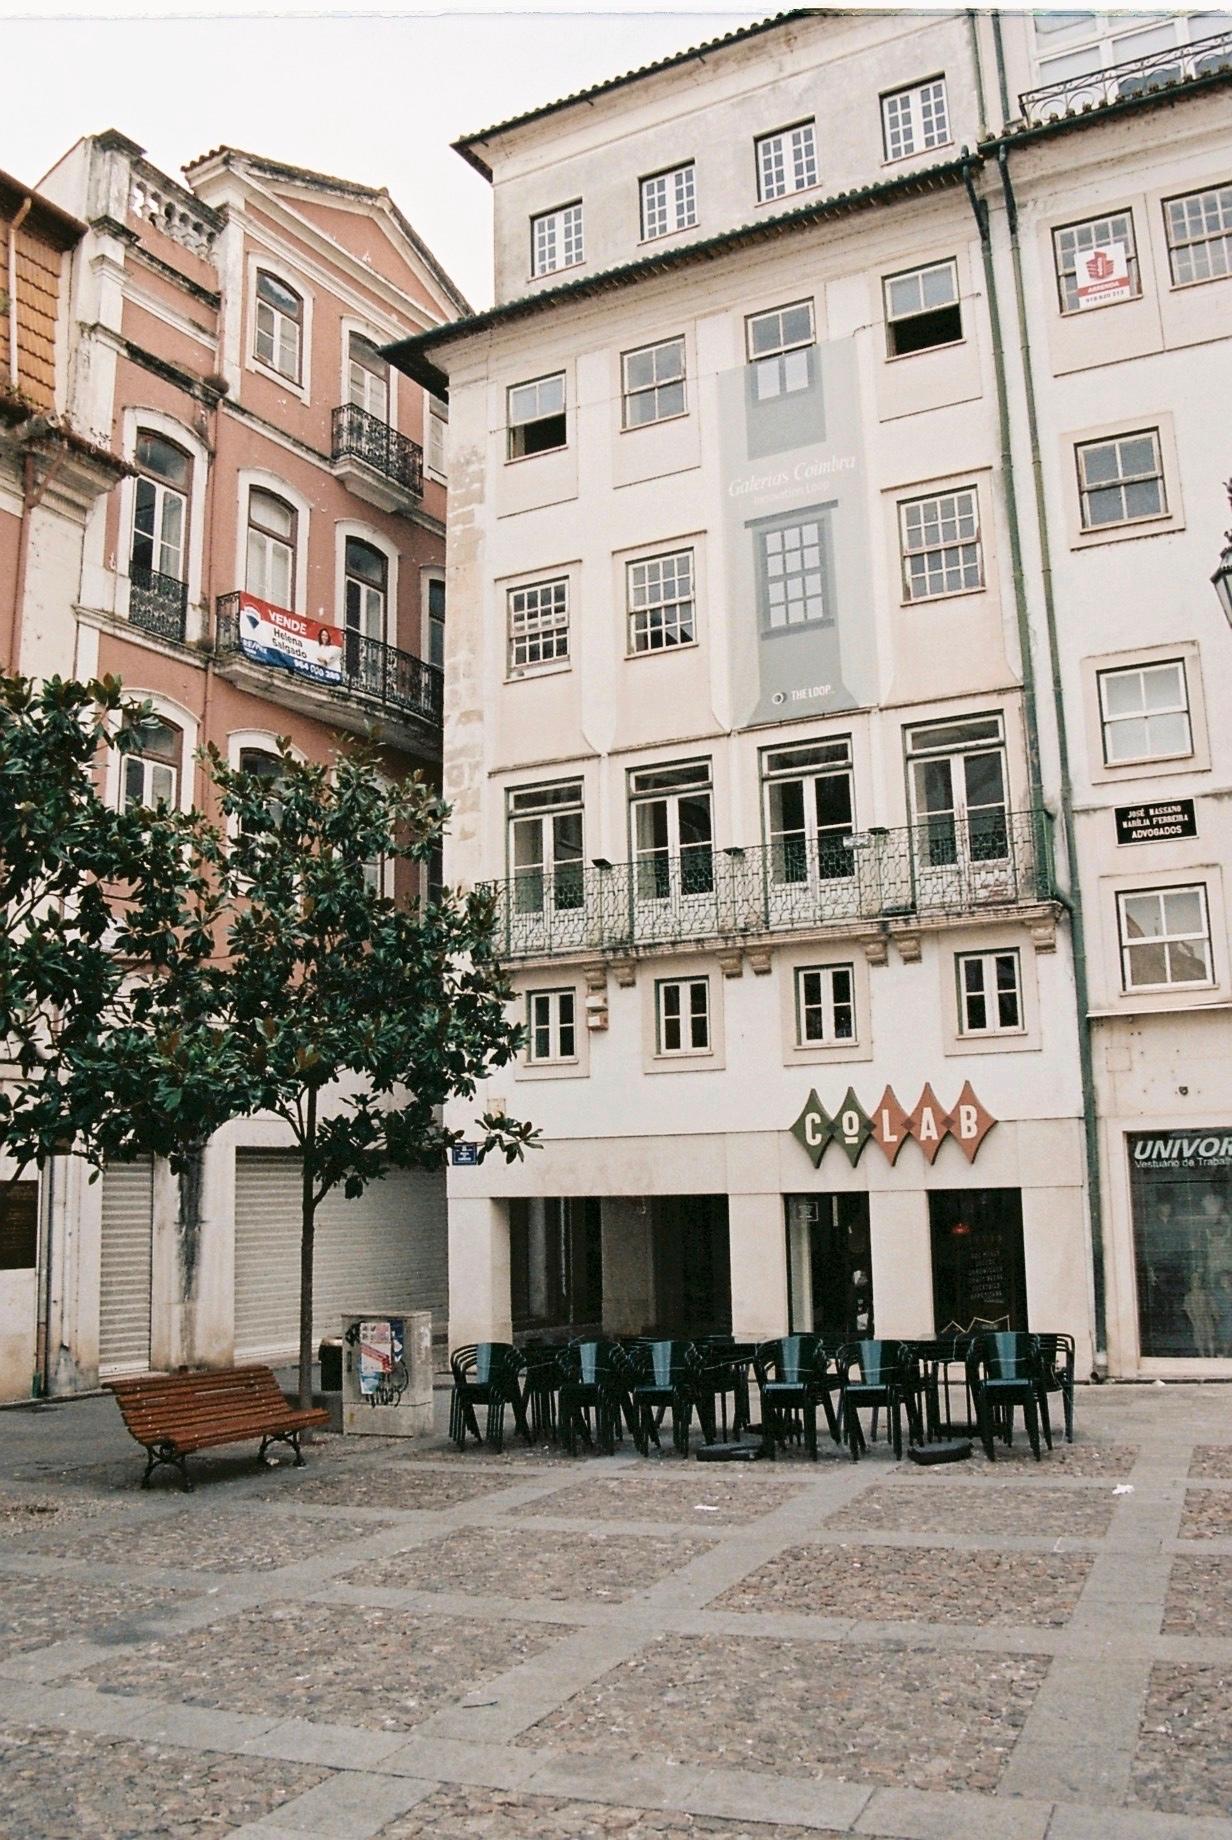 Coimbra 08-2019 - 33 of 62